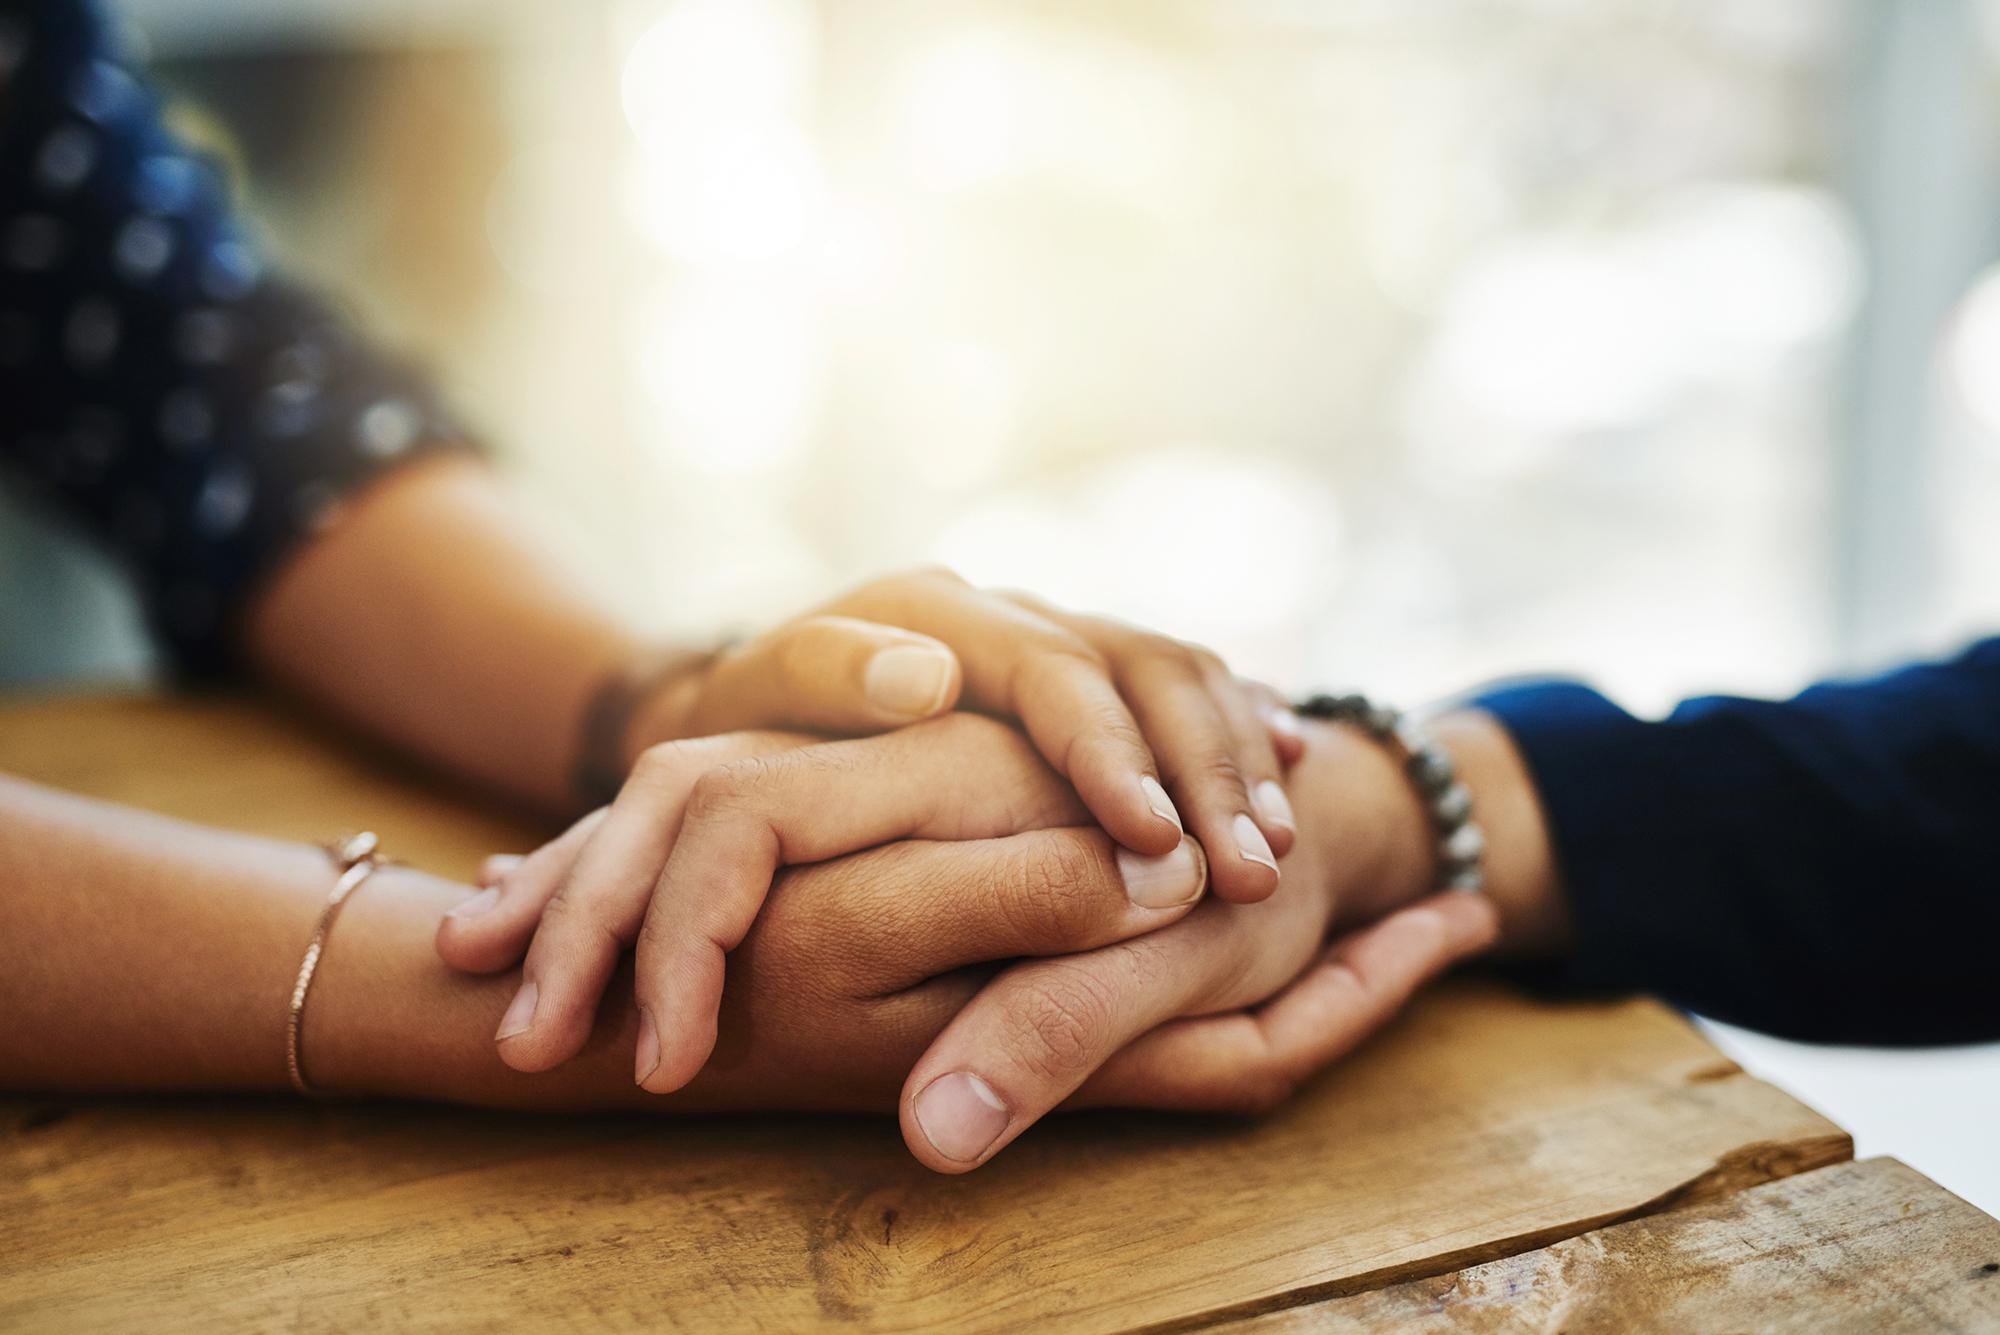 Ineinander gelegte Hände